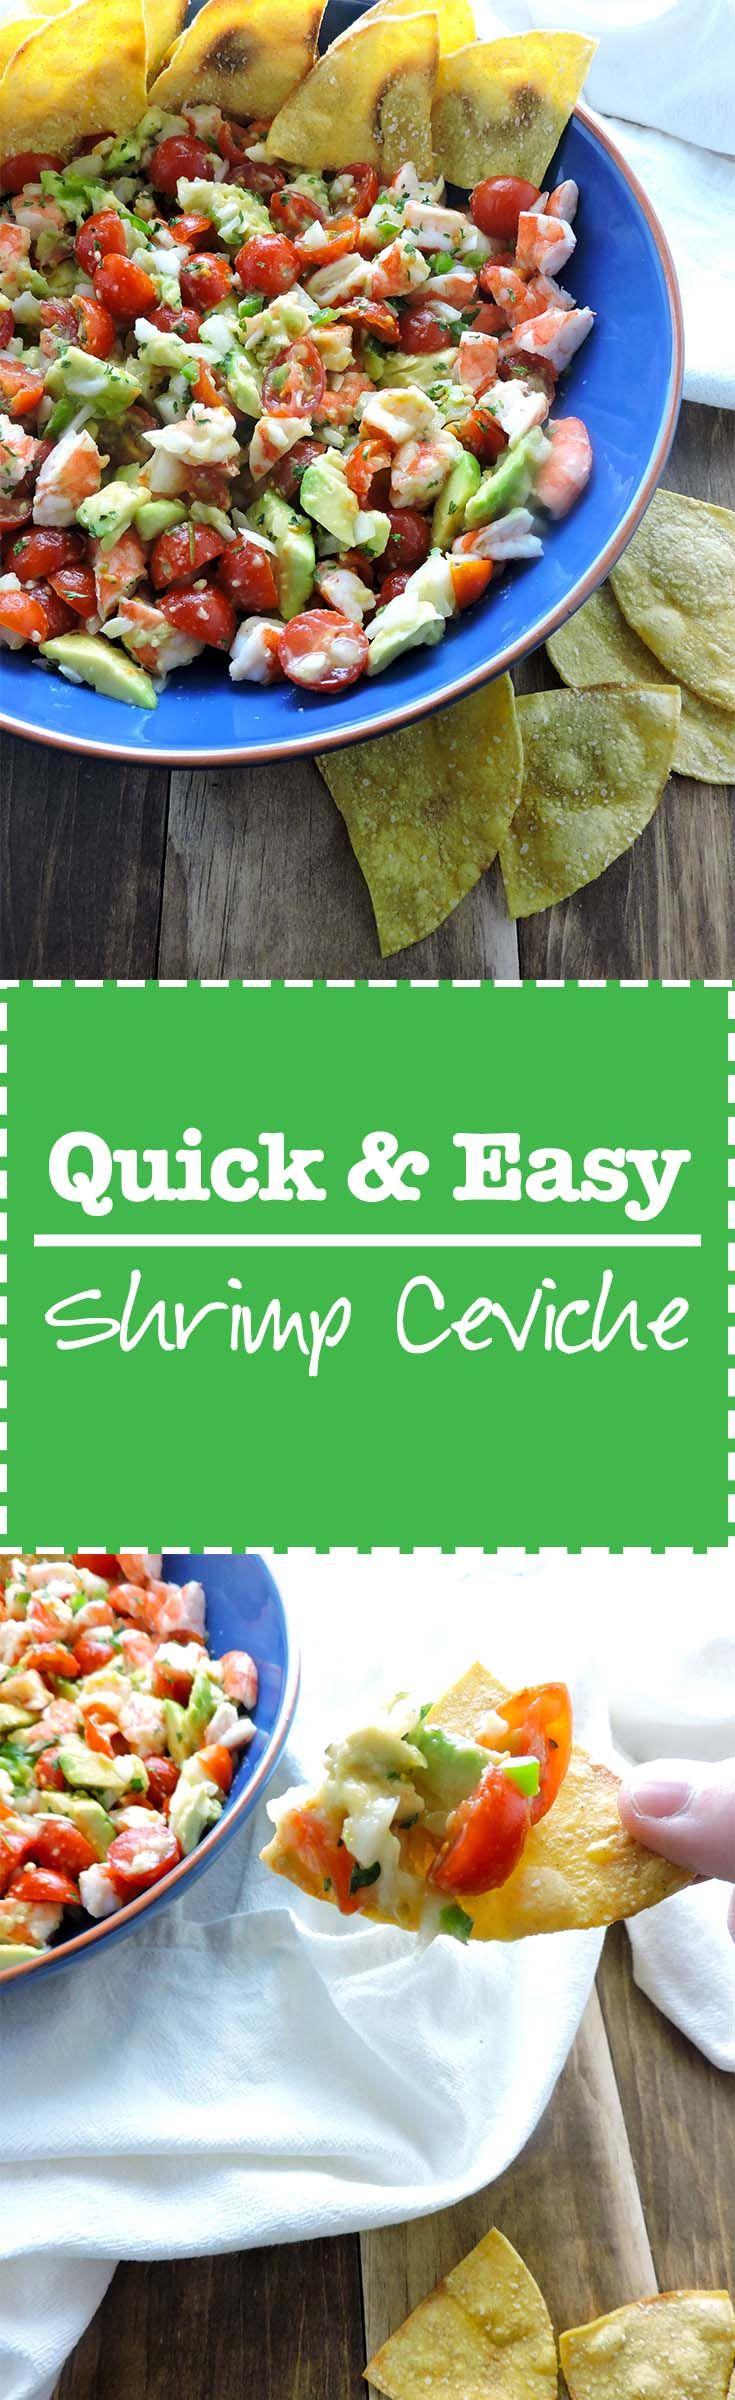 Quick Shrimp Ceviche                                                                                                                                                                                 More